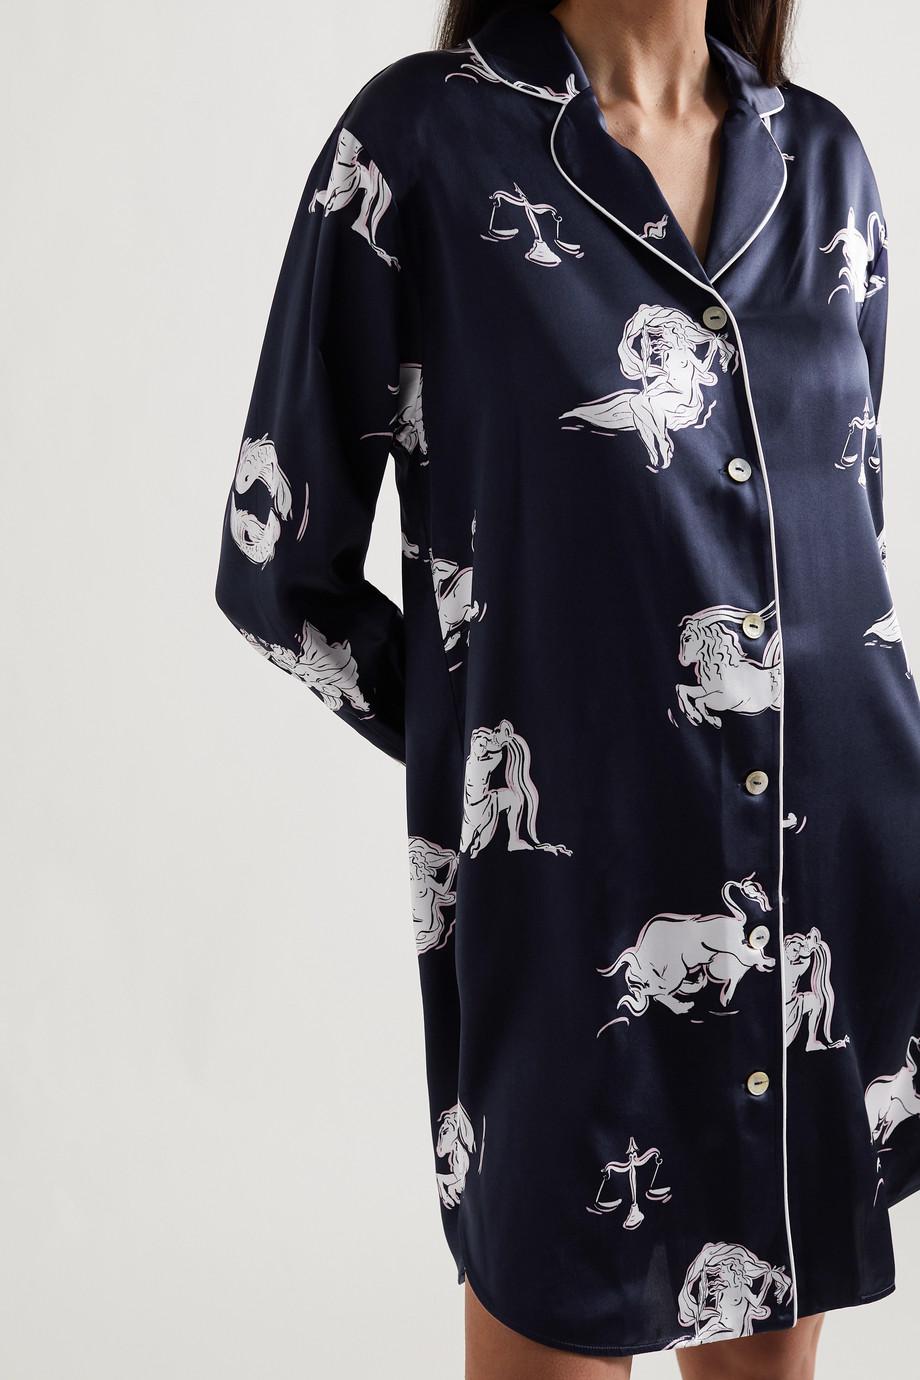 Olivia von Halle Poppy Nachthemd aus bedrucktem Seidensatin